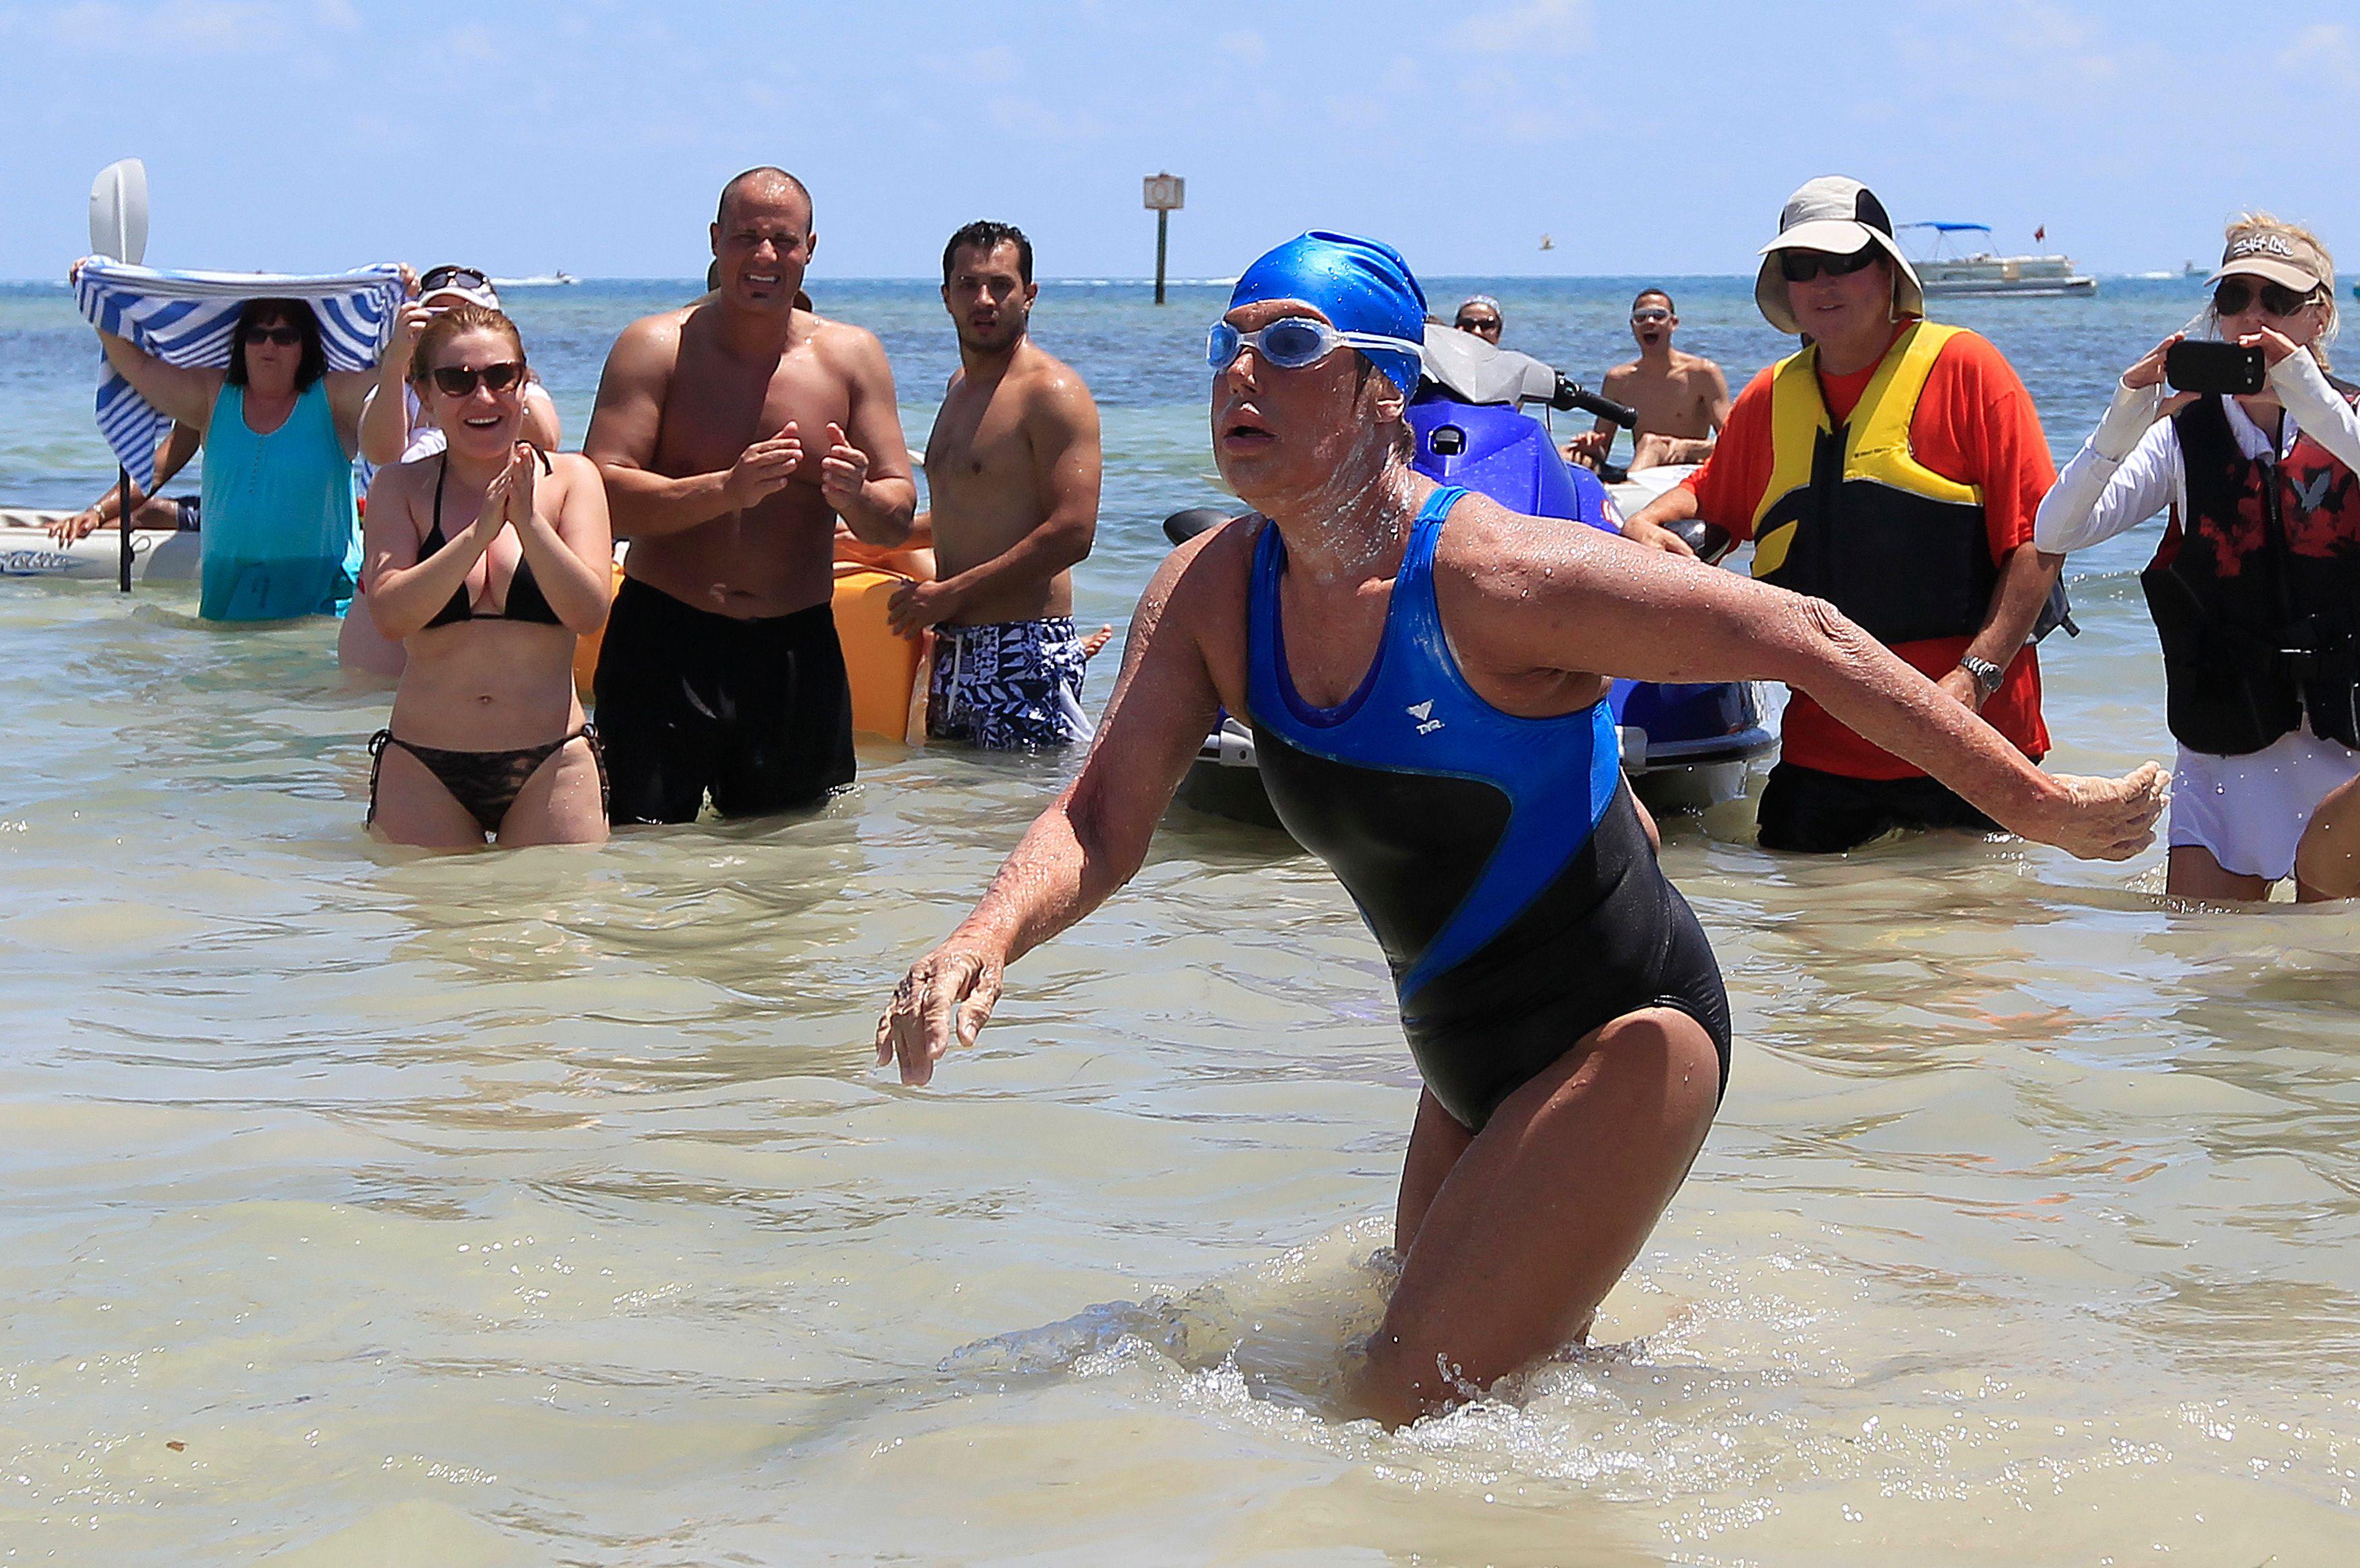 Diana Nyad a réussi l'exploit de faire la traversée entre Cuba et la Floride